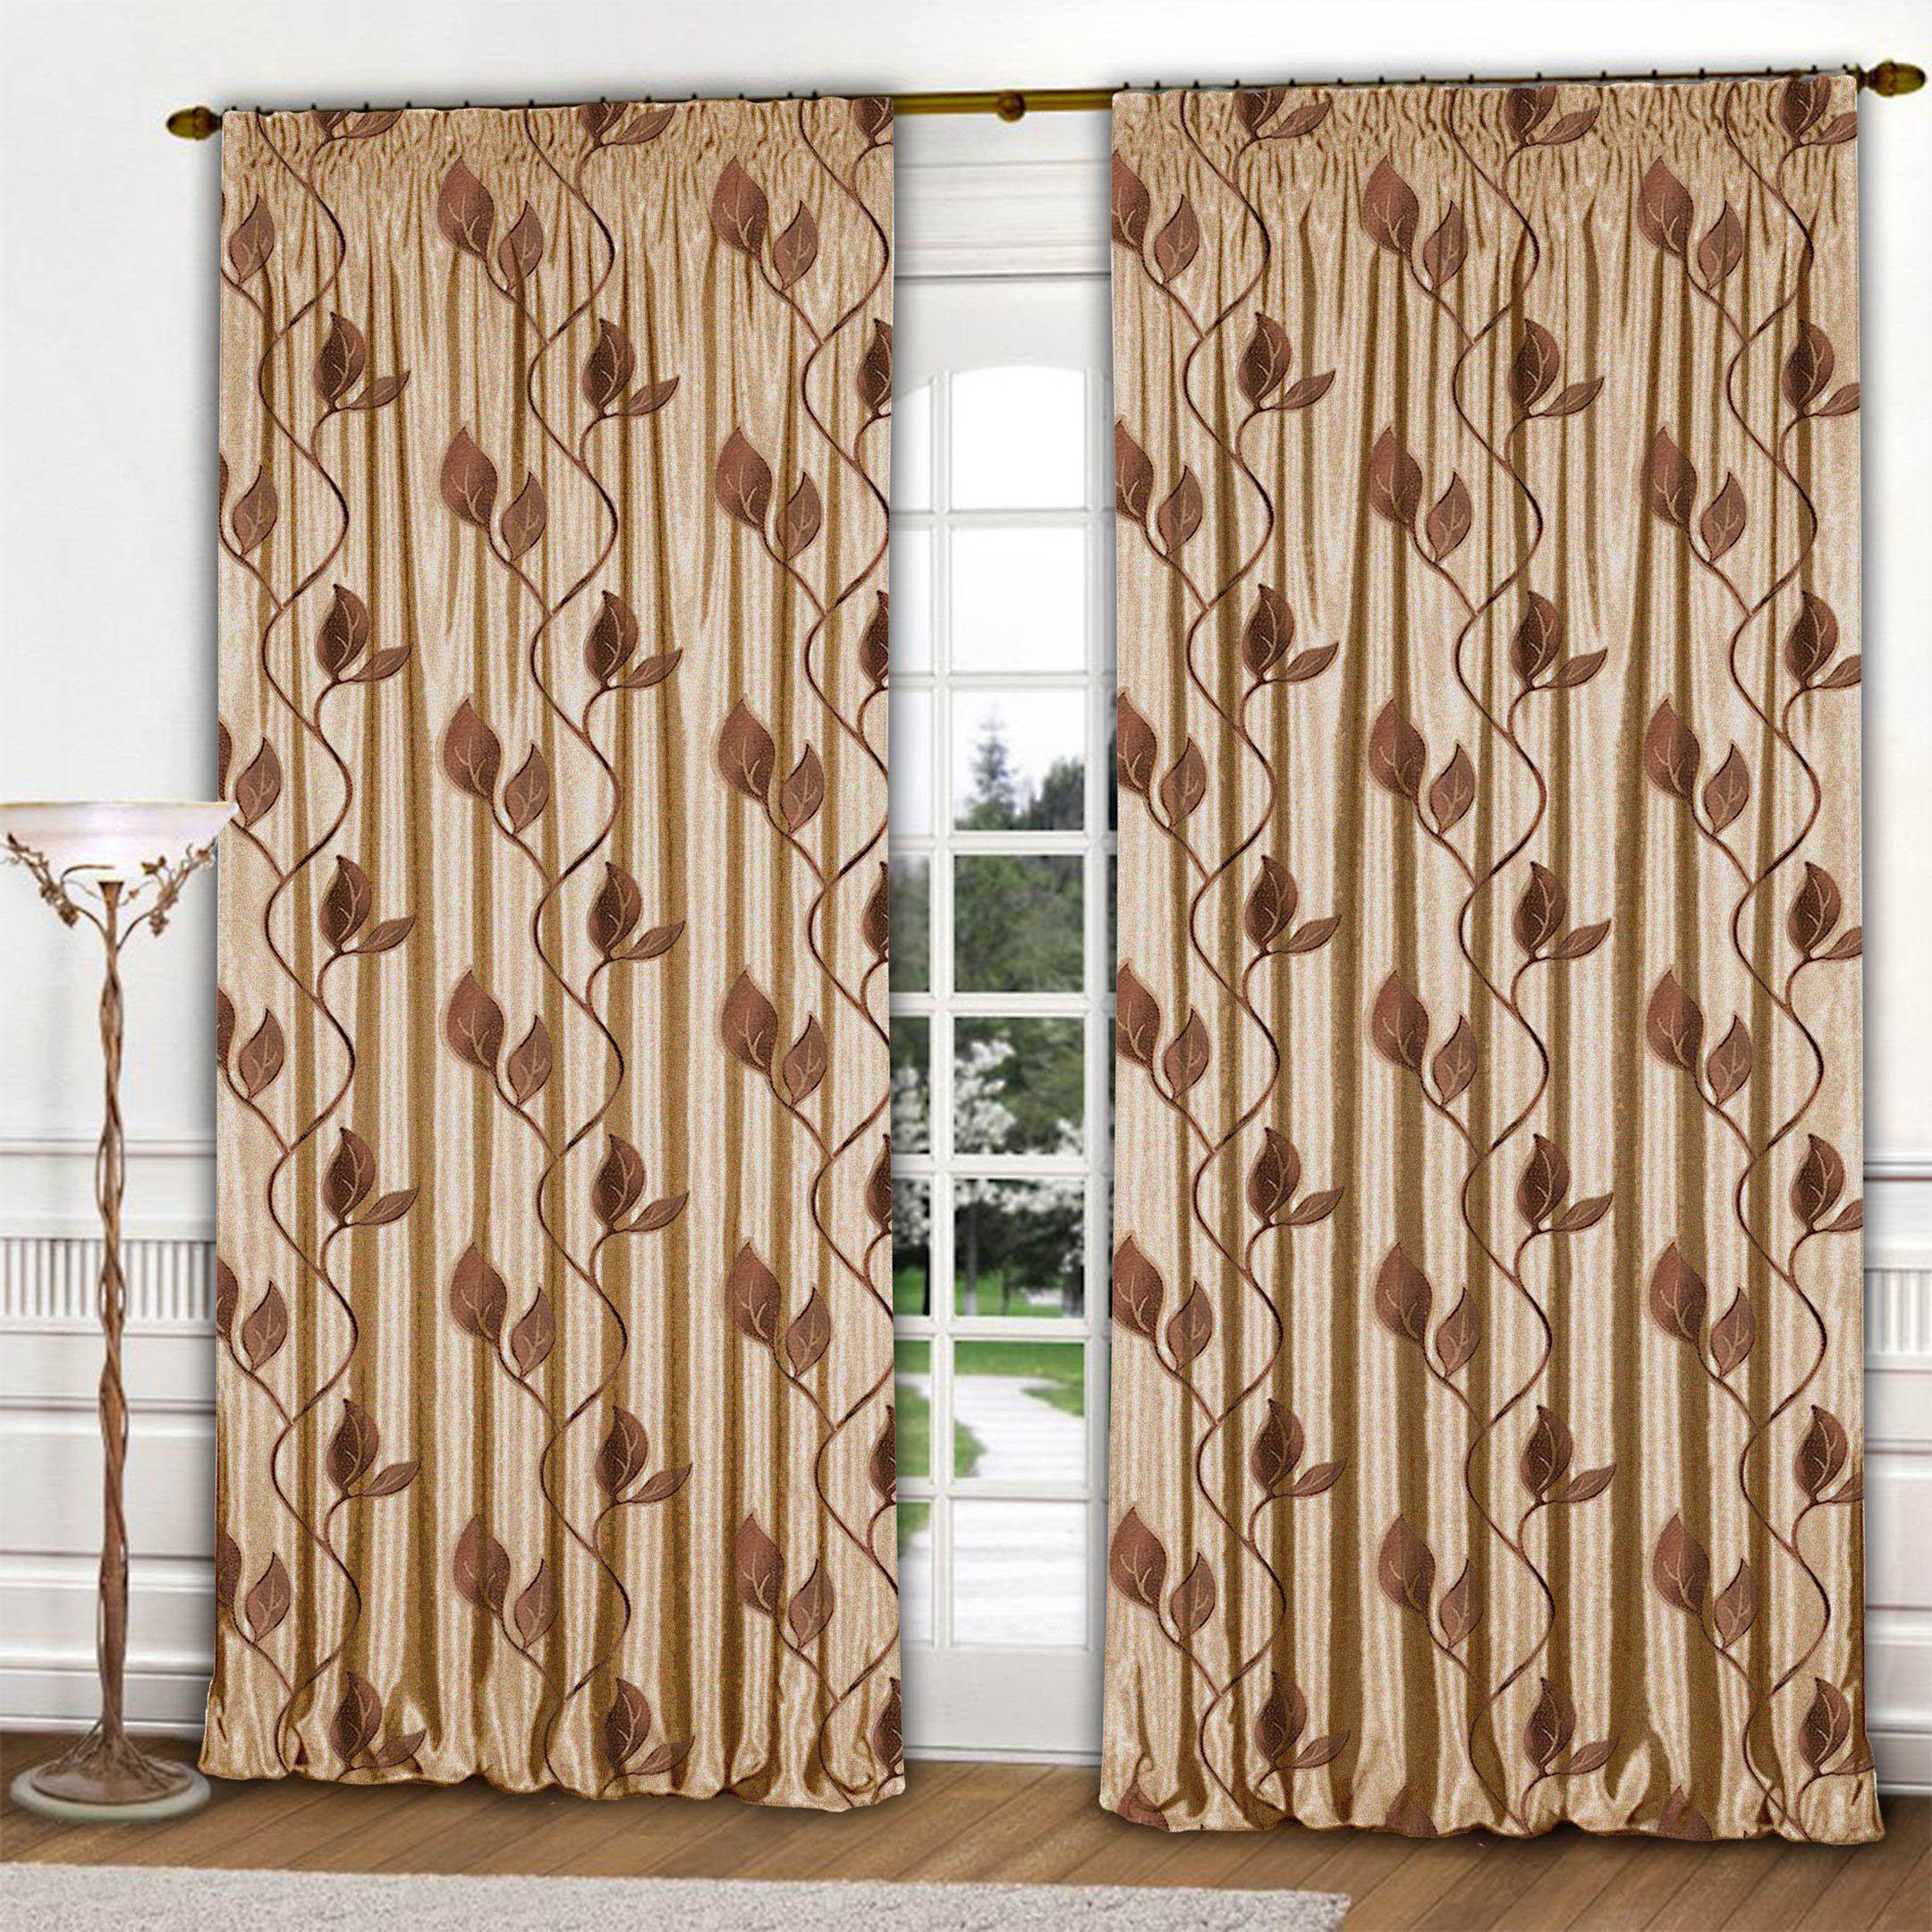 Шторы РеалТекс Классические шторы Листья Цвет: Шоколадный шторы реалтекс классические шторы alberta цвет персиковый молочный